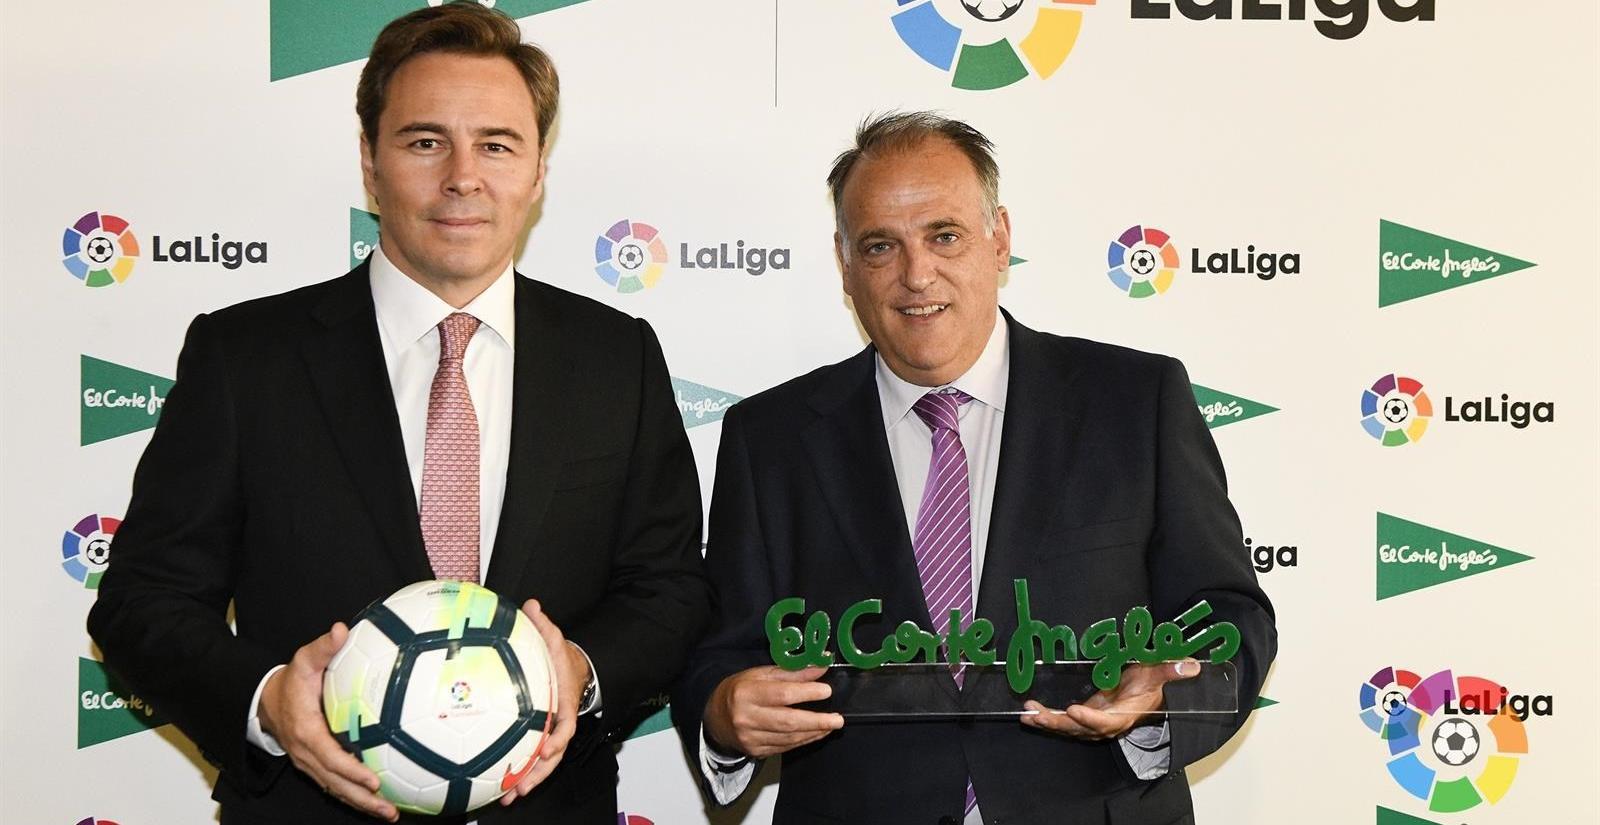 El Corte Inglés será patrocinador oficial de la LaLiga